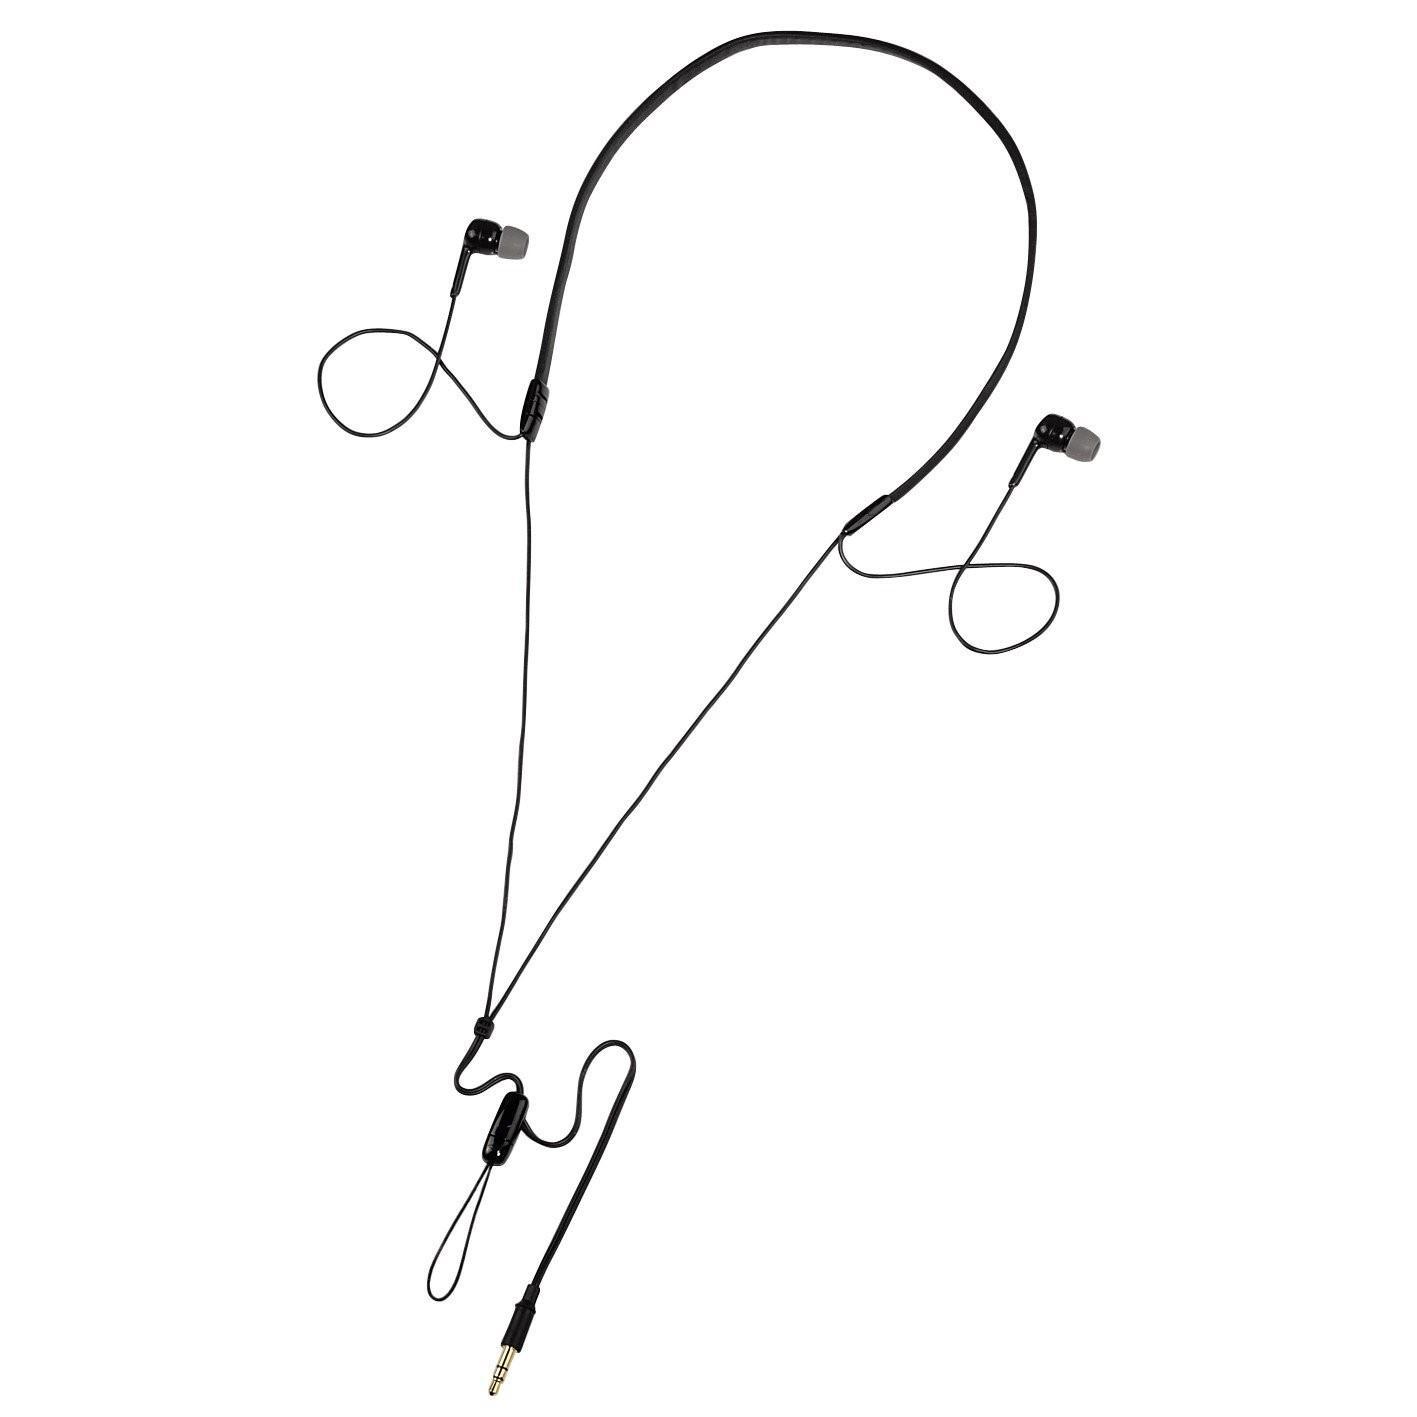 How to extend the life of broken headphones